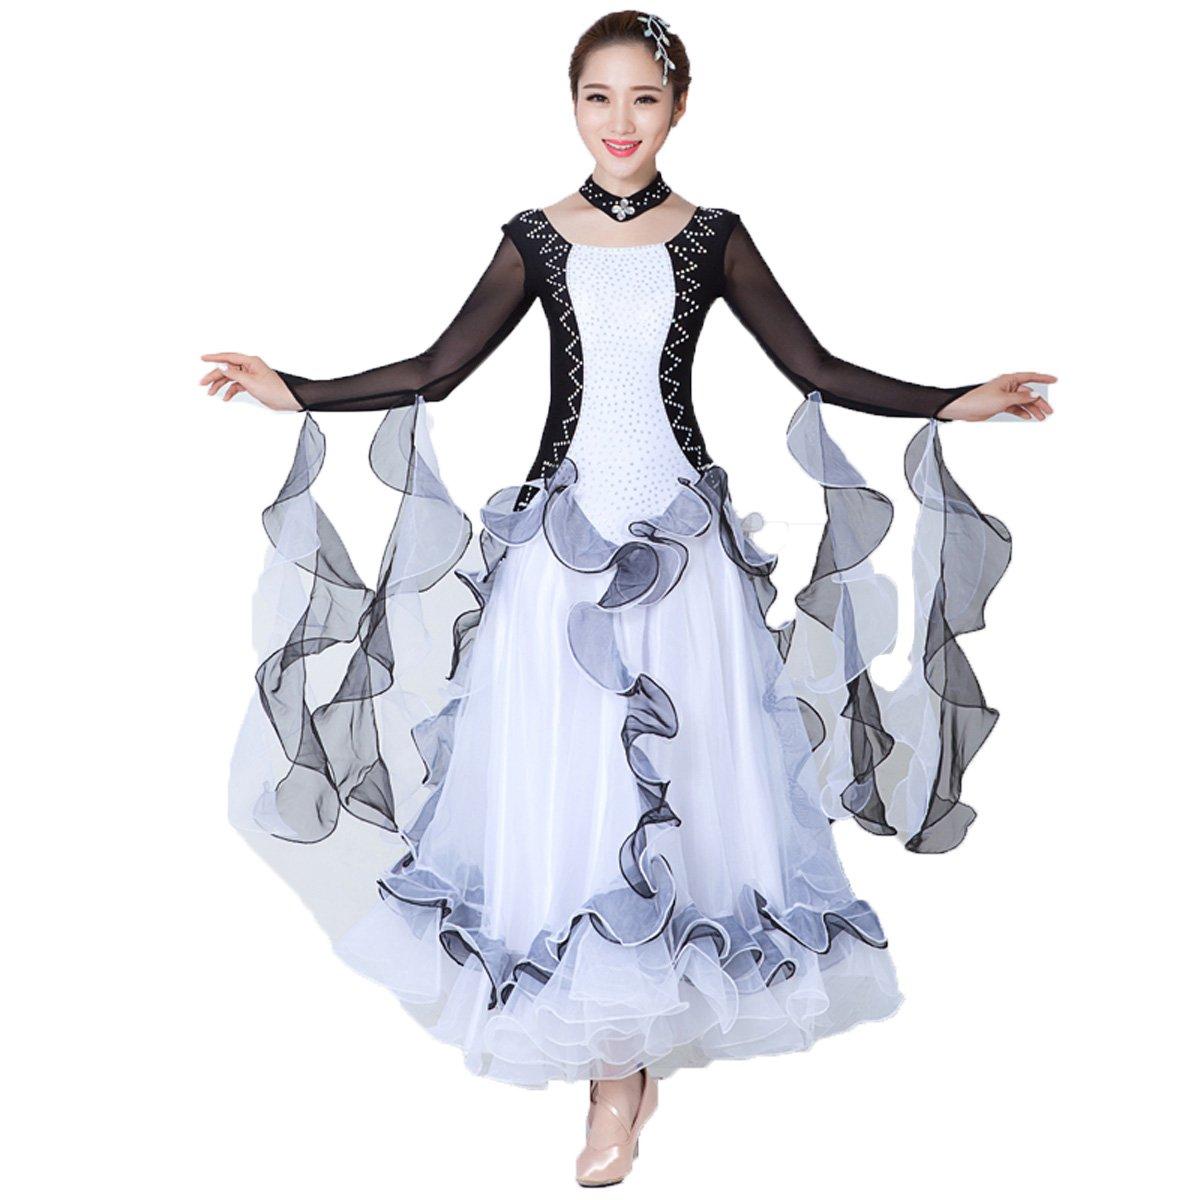 [L-night]モダンダンス衣装 社交ダンスドレス 黒白 長袖 ワルツドレス ラテンドレス 練習着競技用 スタンダードドレス ワルツ専用スカート発表会用演出服 開場衣装ワンピース ブラック/ホワイト XXX-Large